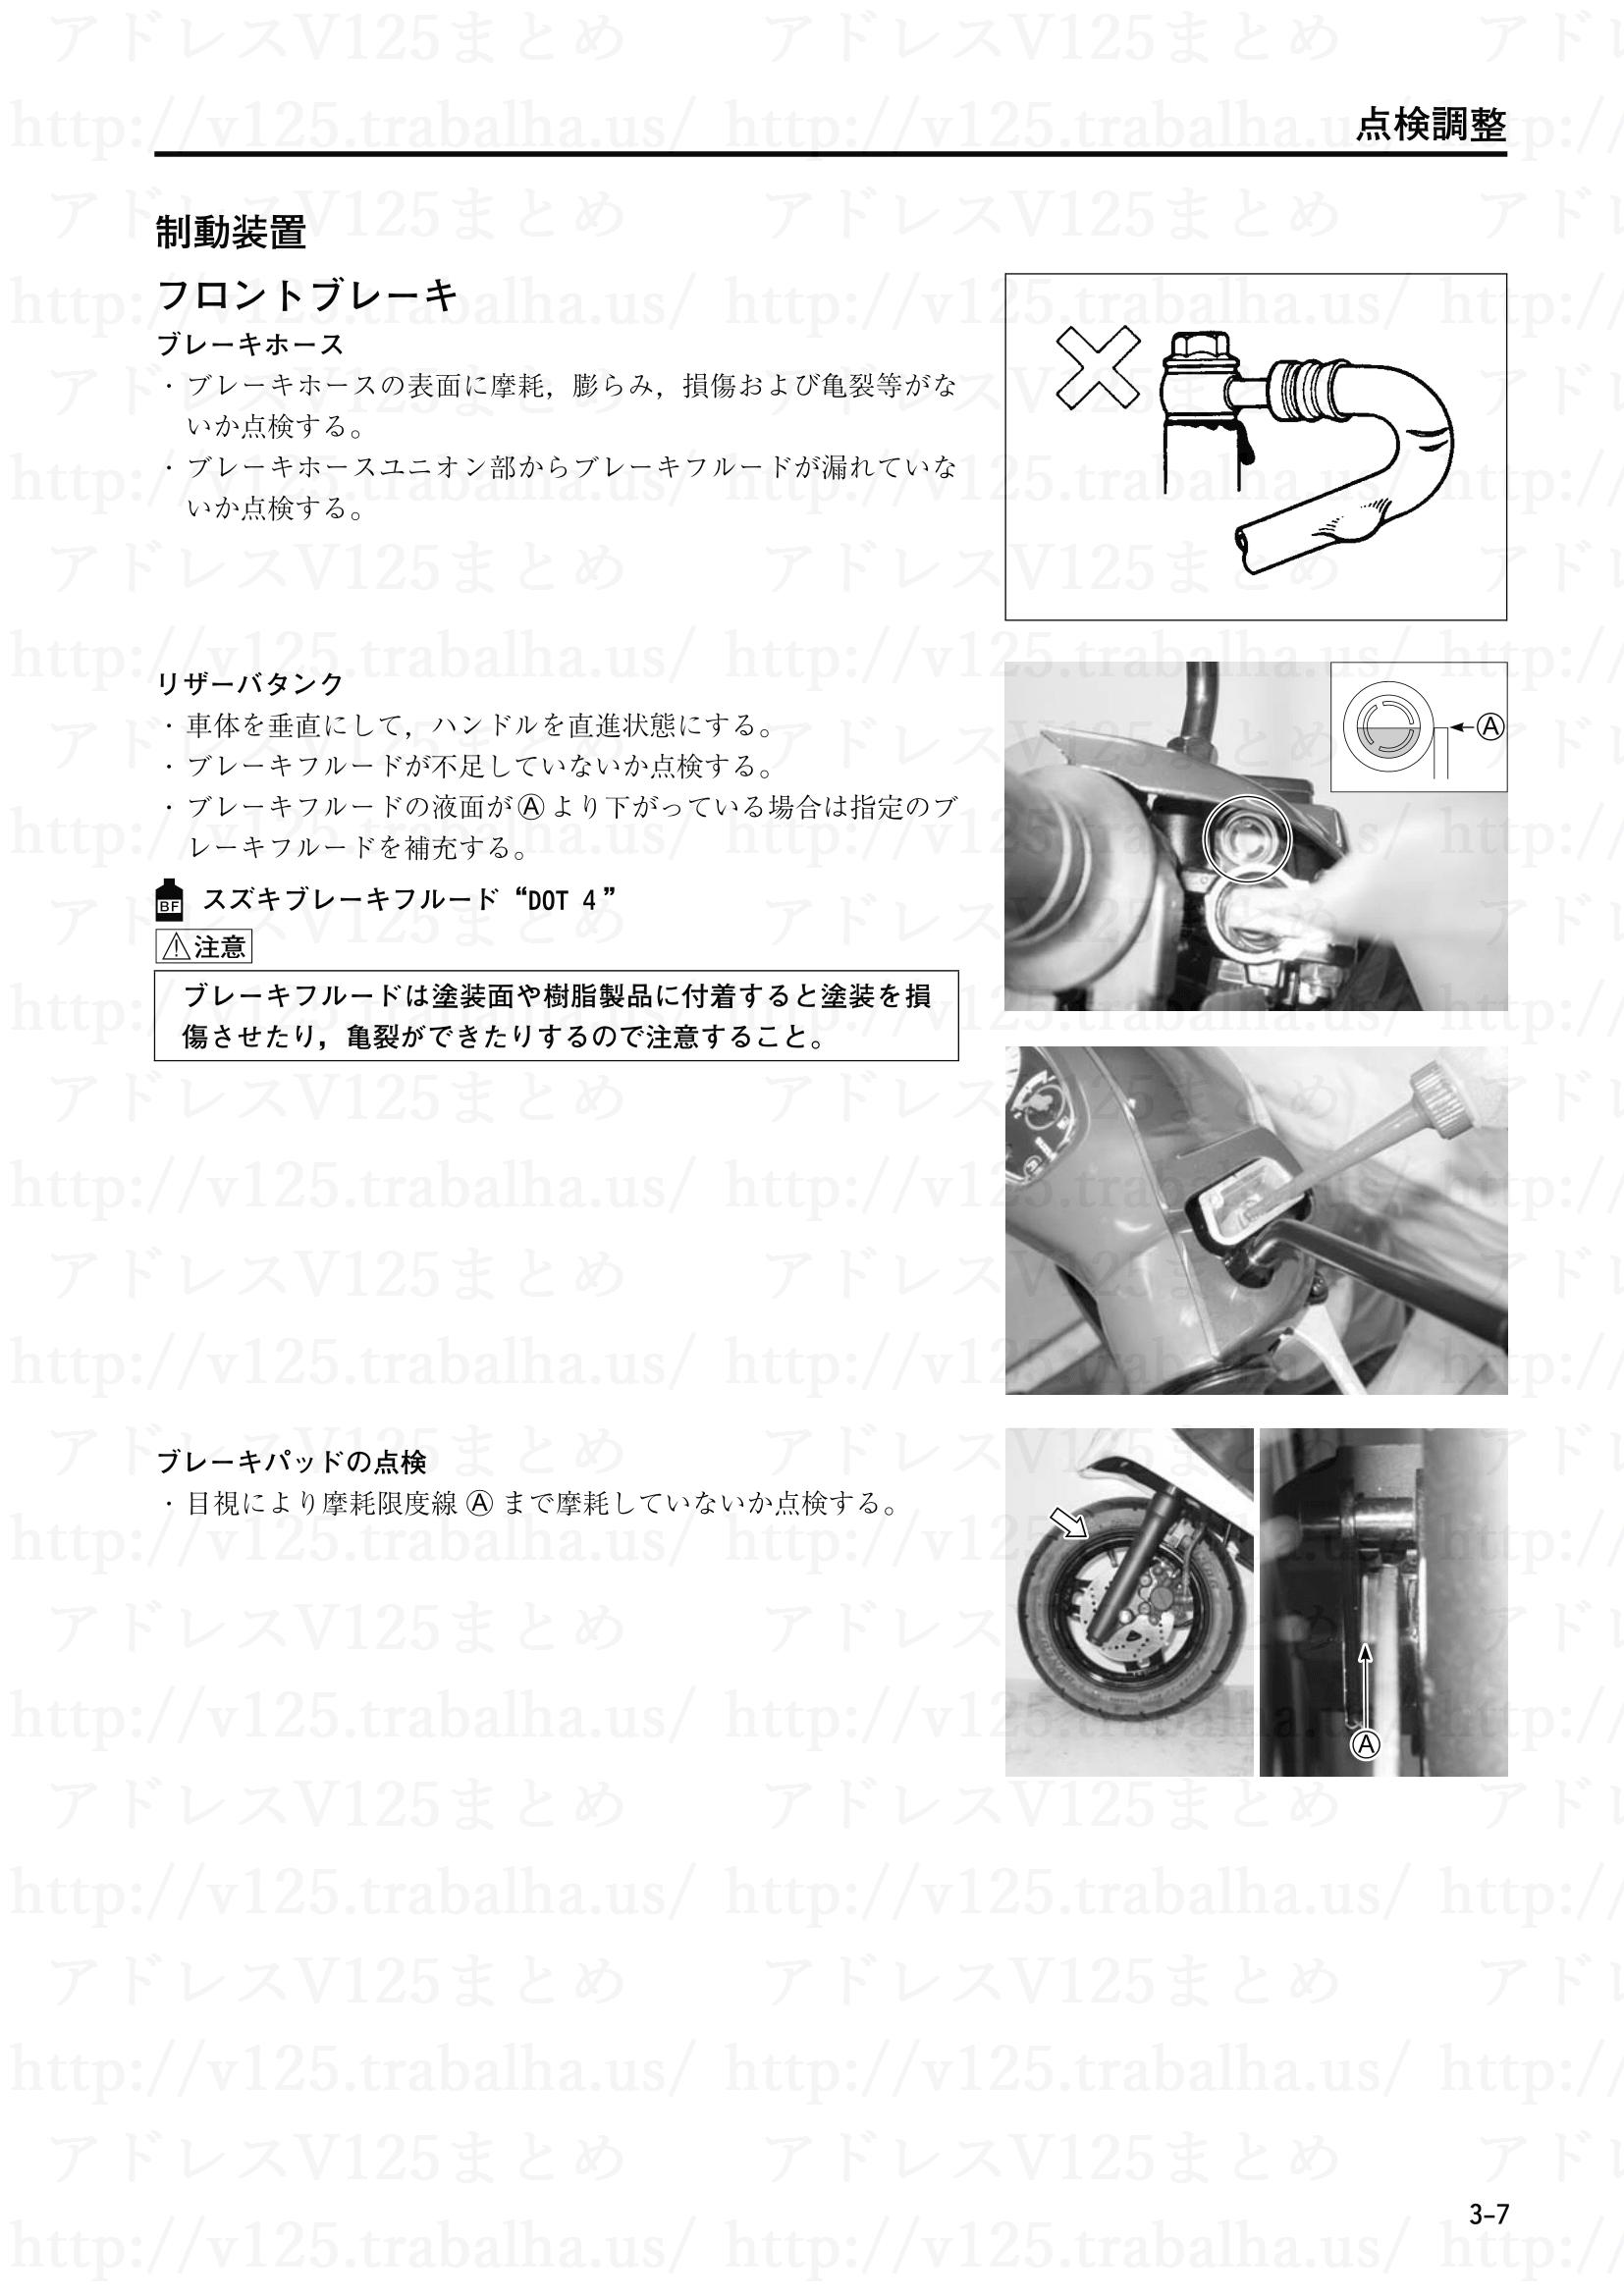 3-7【点検調整】制動装置1